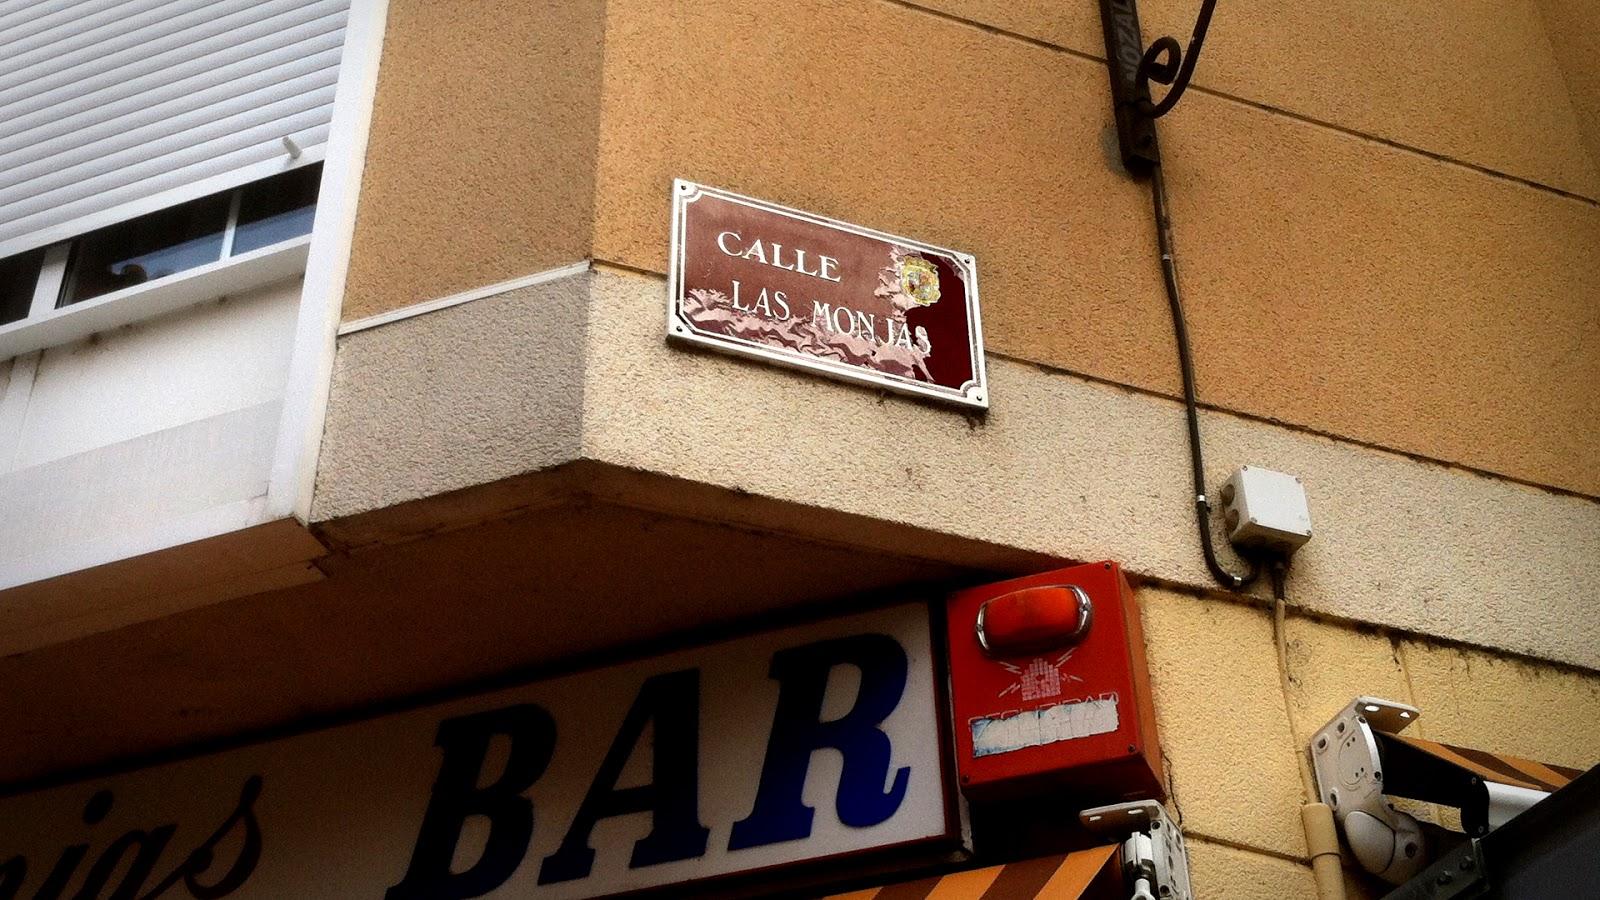 Calle Las Monjas, 2014 Abbé Nozal